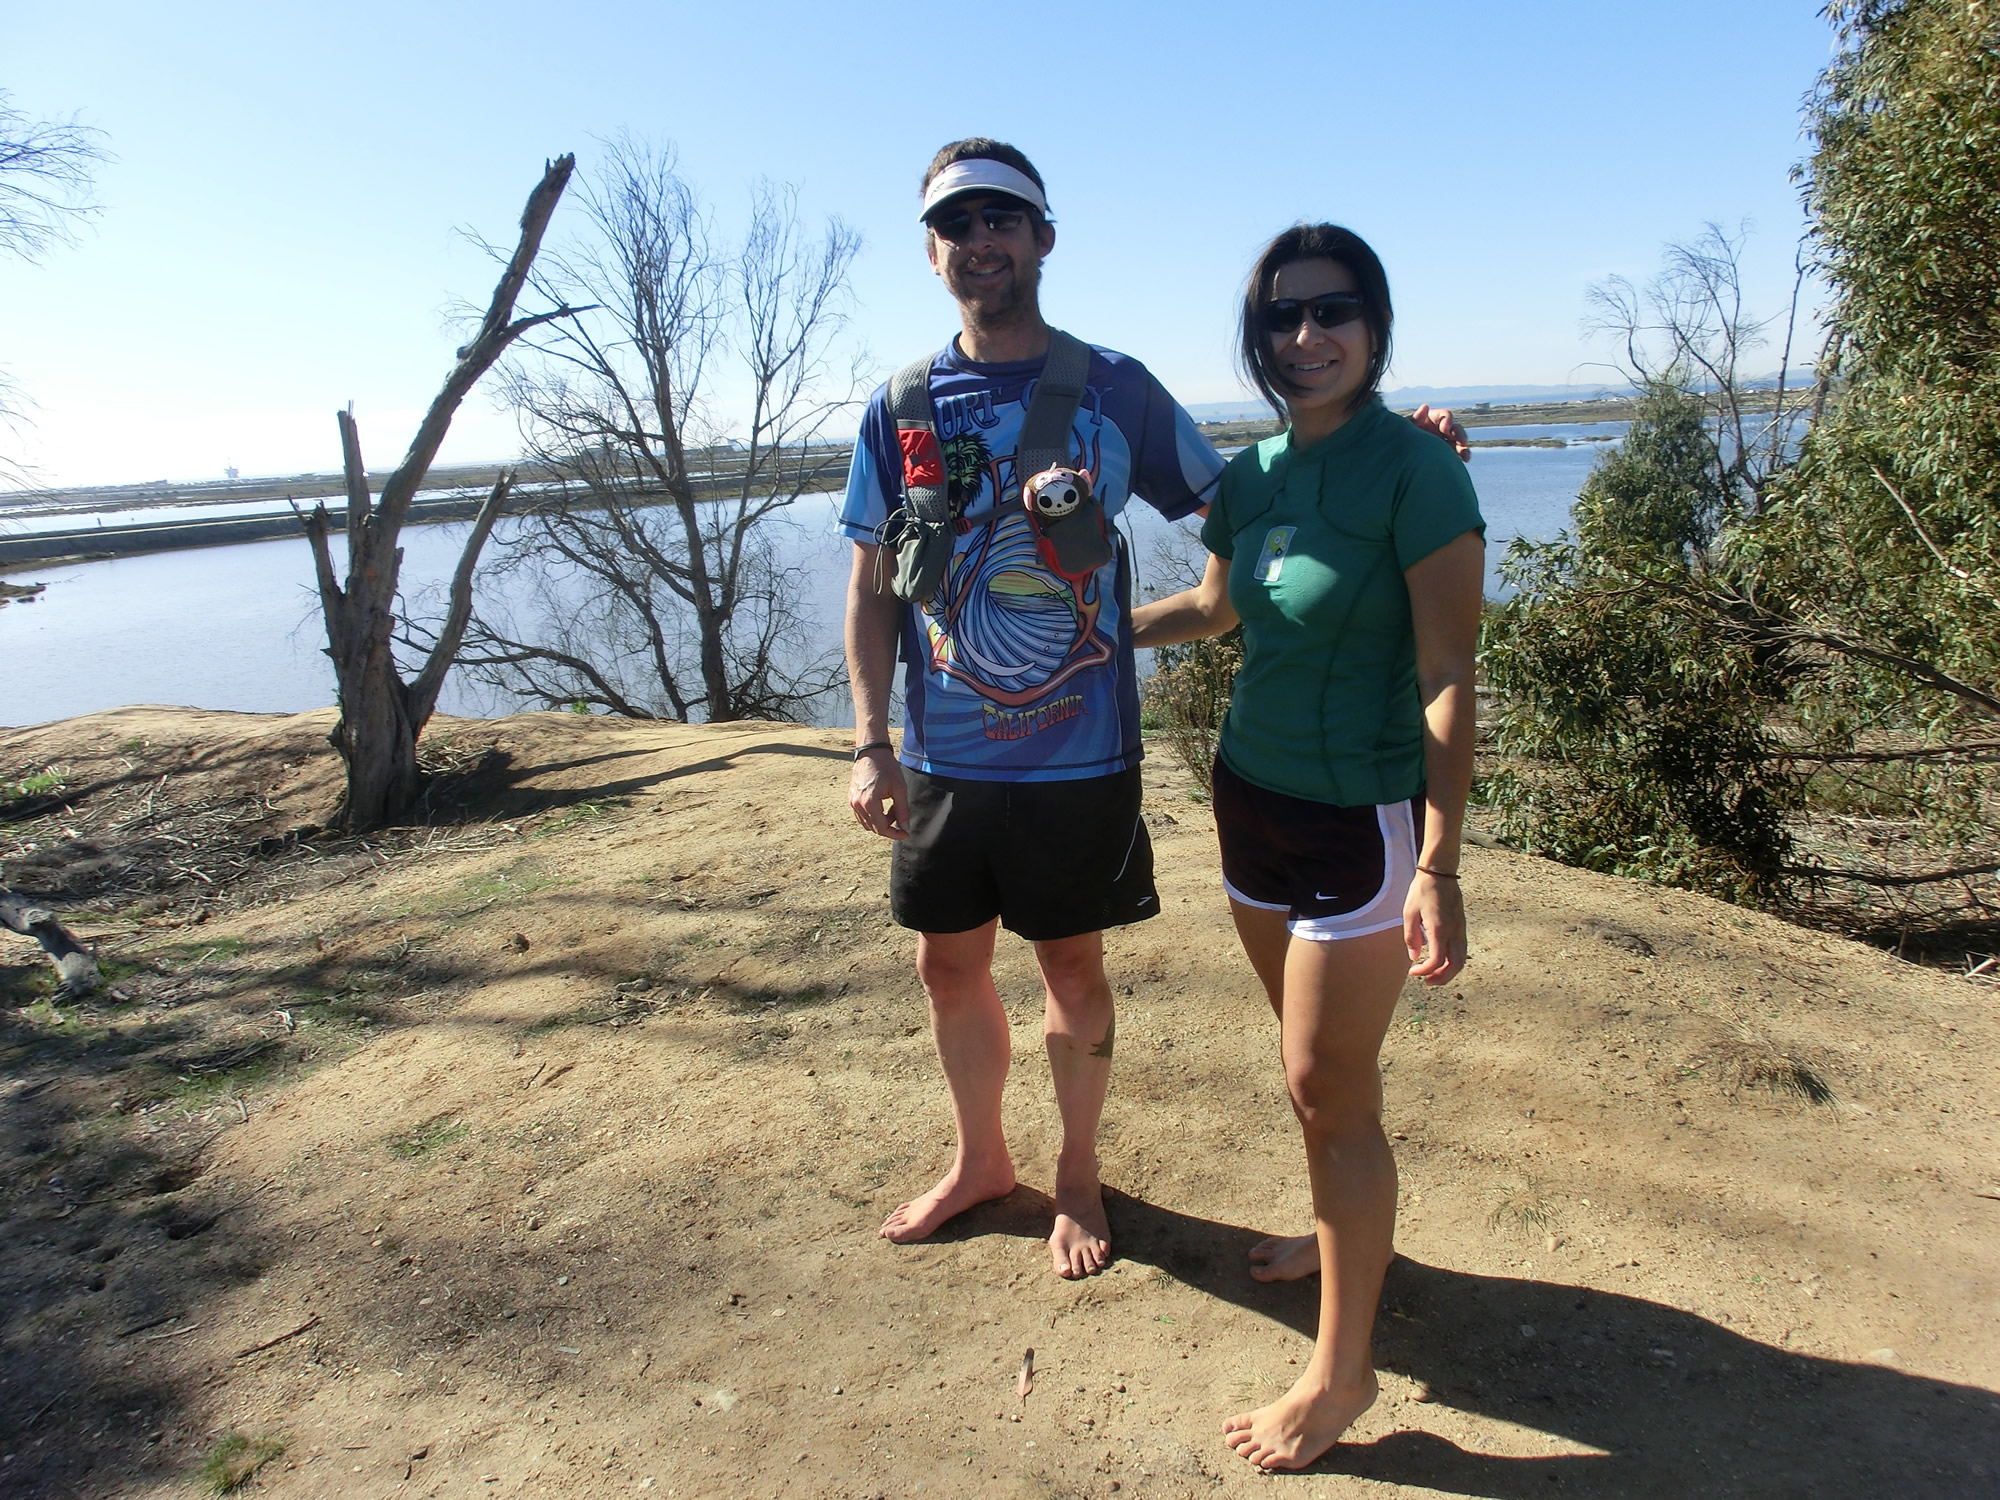 Vanessa, Shacky (2012 February 4) Regular Saturday Morning Runs